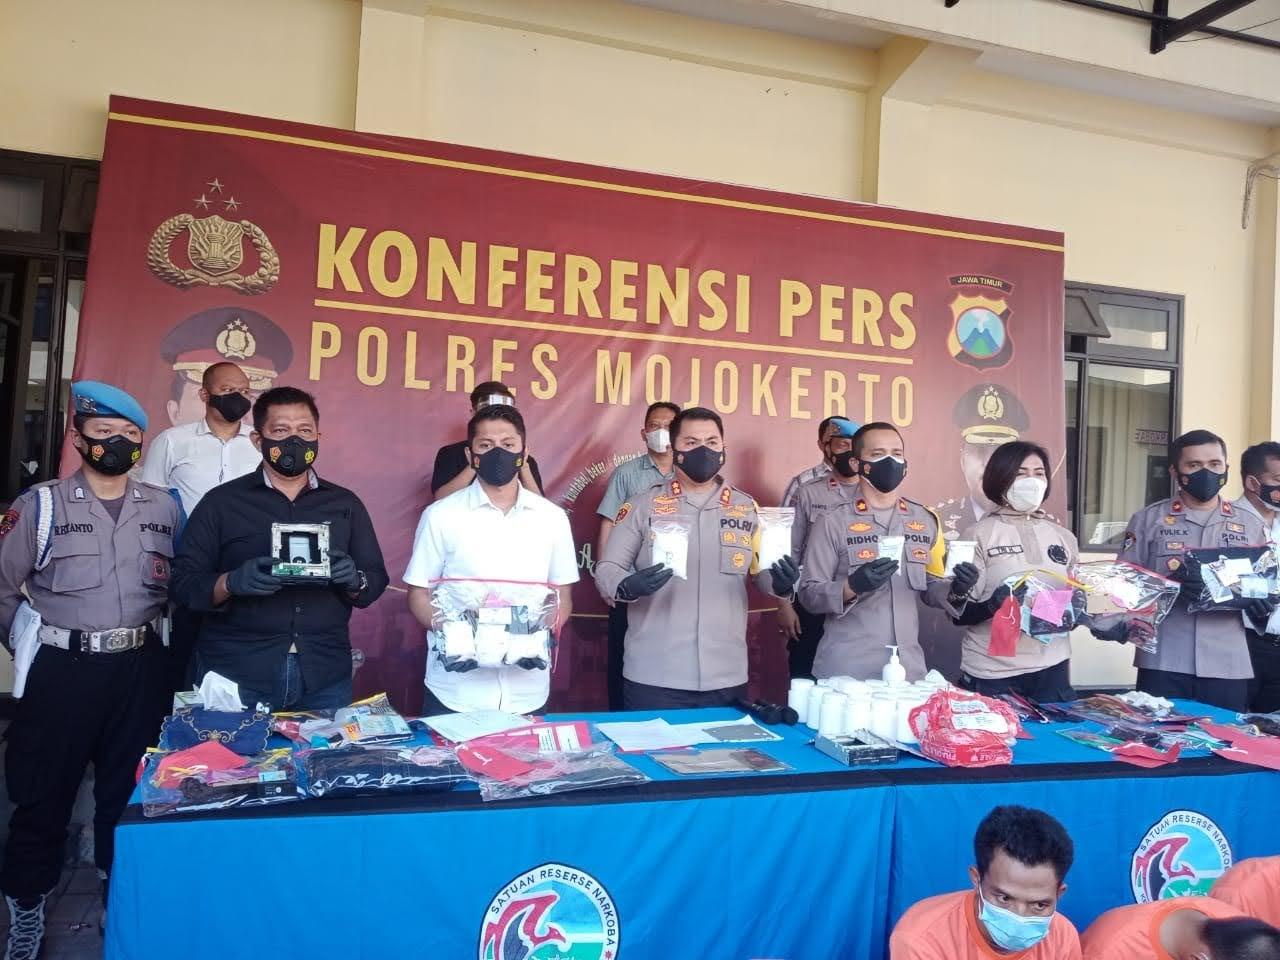 Budak 1/2 Kg Sabu Dan 22 ribu Butir Pil Koplo Berhasil Diringkus Polisi Mojokerto